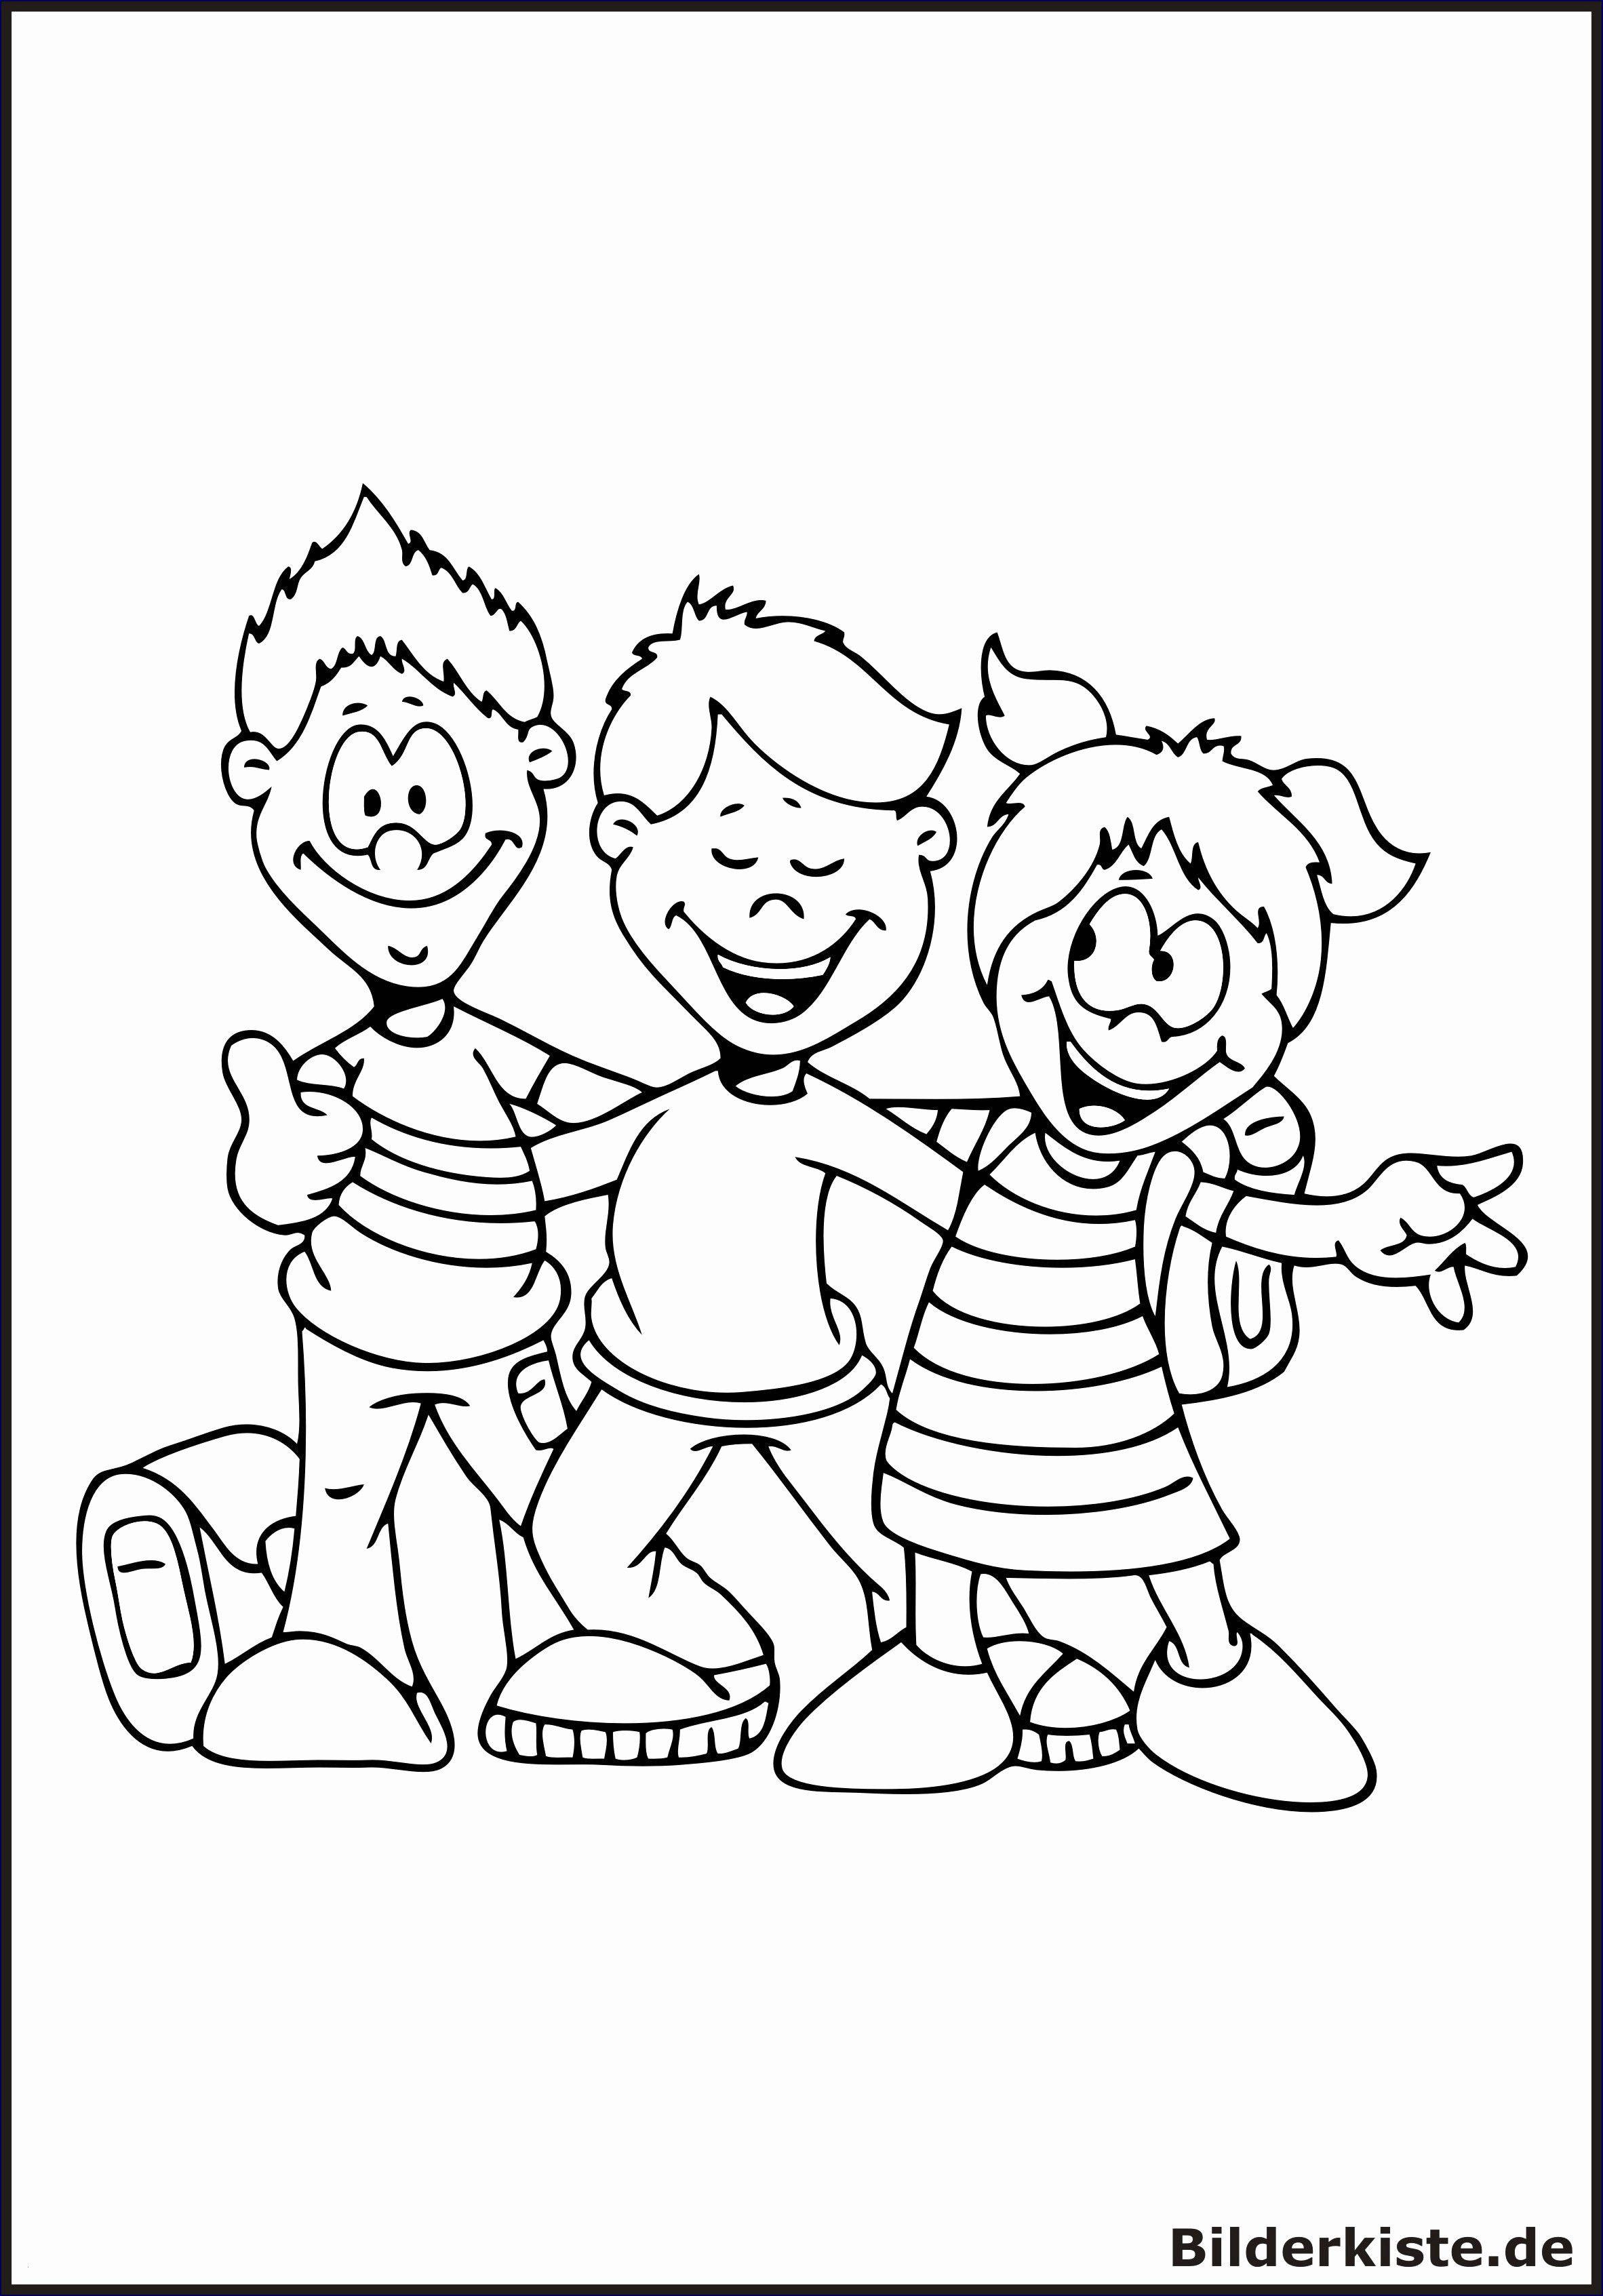 72 Frisch Ausmalbilder 3 Jahre Das Bild Ausmalbilder Ausmalbilder Kinder Malbuch Vorlagen